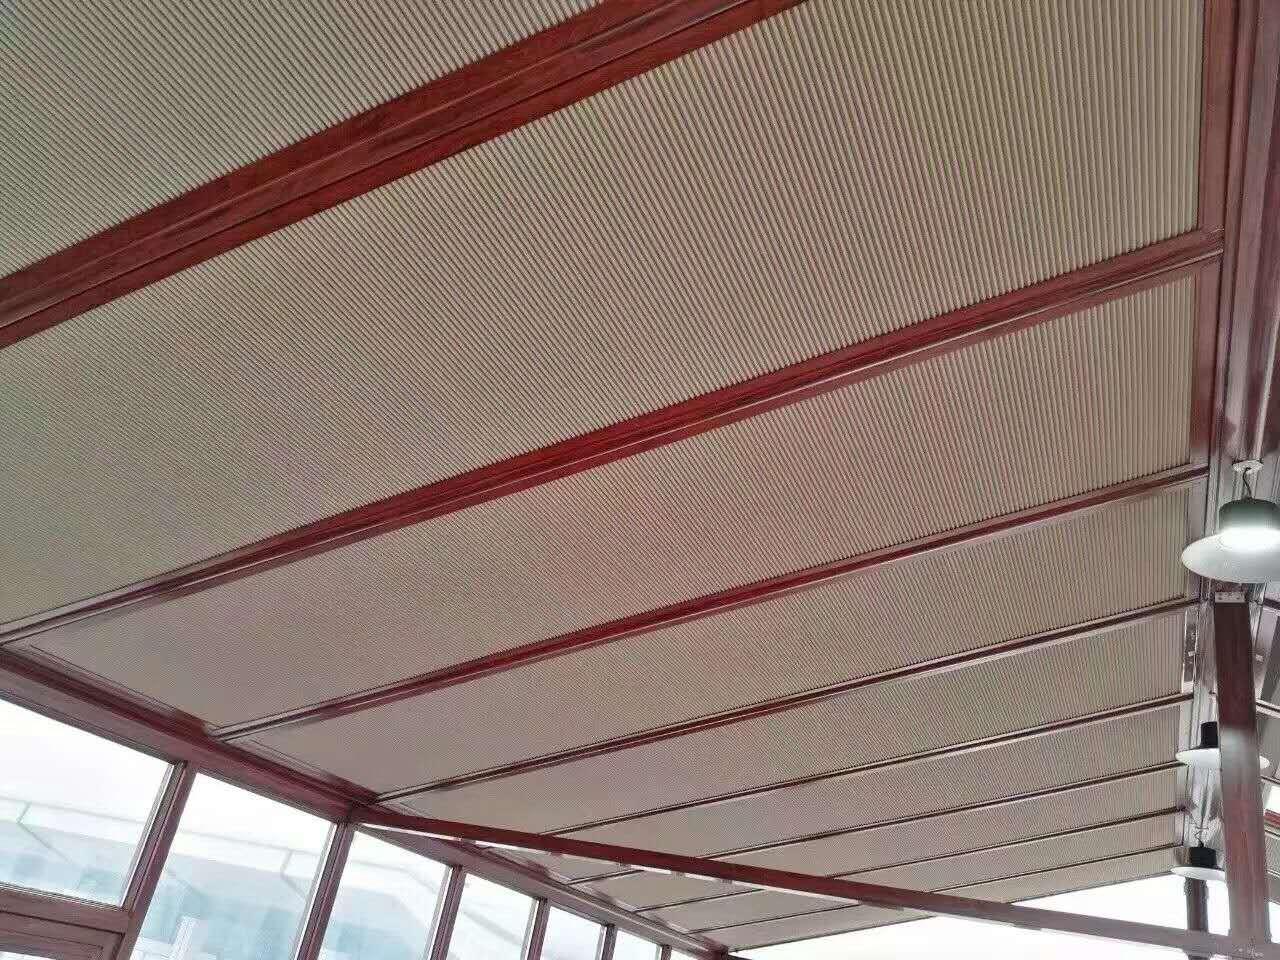 南平卷轴式遮阳帘报价-厦门优惠的电动遮阳帘推荐